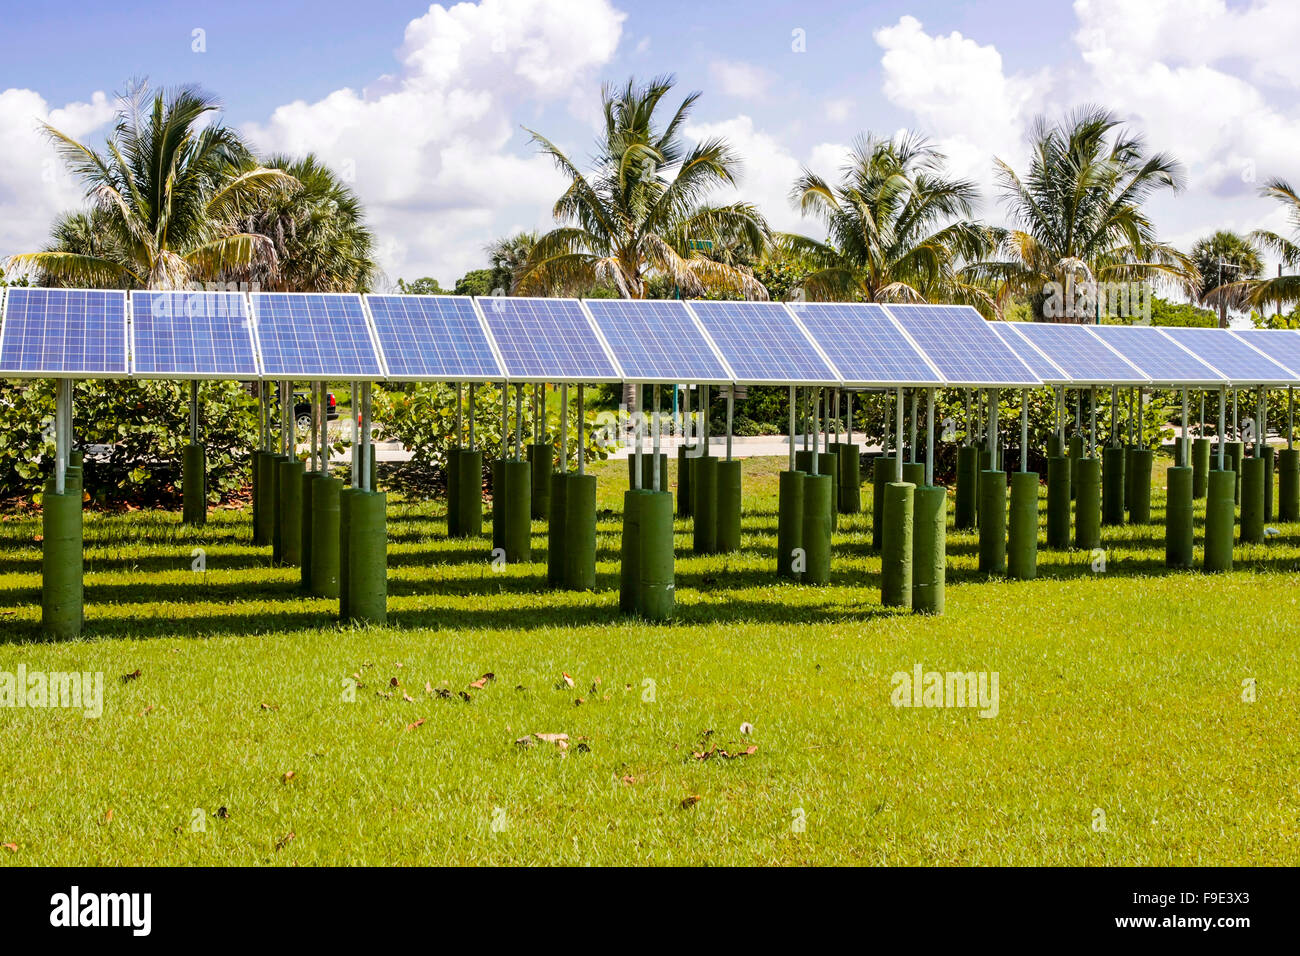 Filas de paneles solares apuntando hacia arriba el cielo soleado a lo largo de la Florida Imagen De Stock